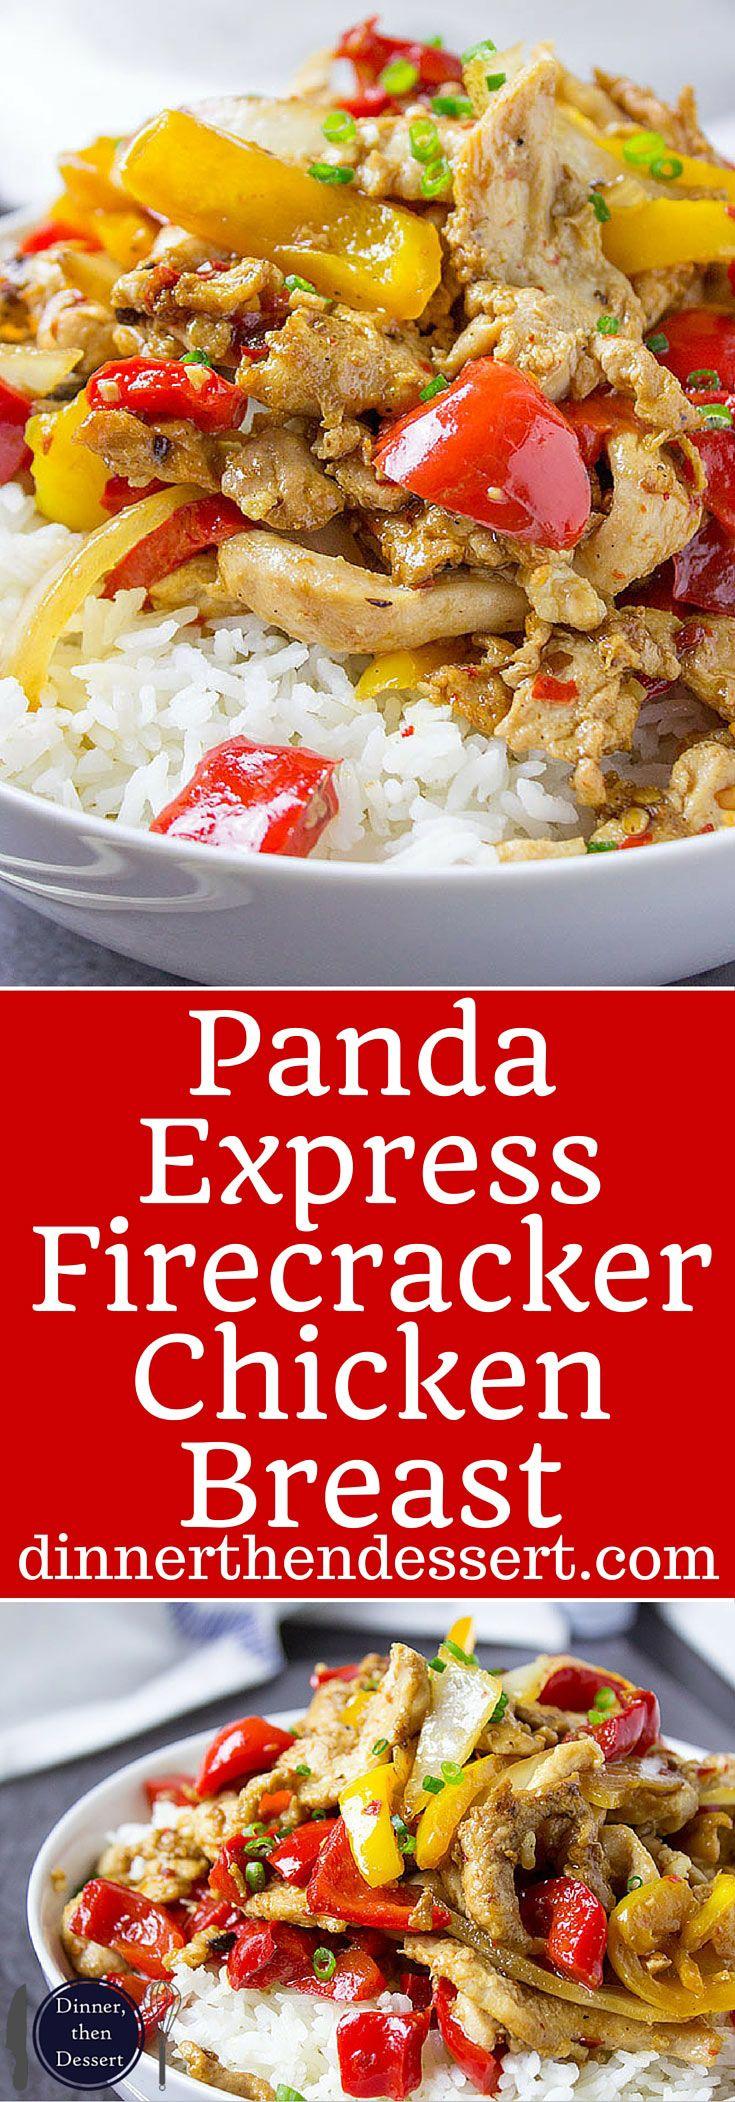 Breast Panda Express Firecracker poulet avec de la viande et les poivrons blanc mariné dans une sauce aux haricots noirs épicés.  Une recette authentique de Panda Express!